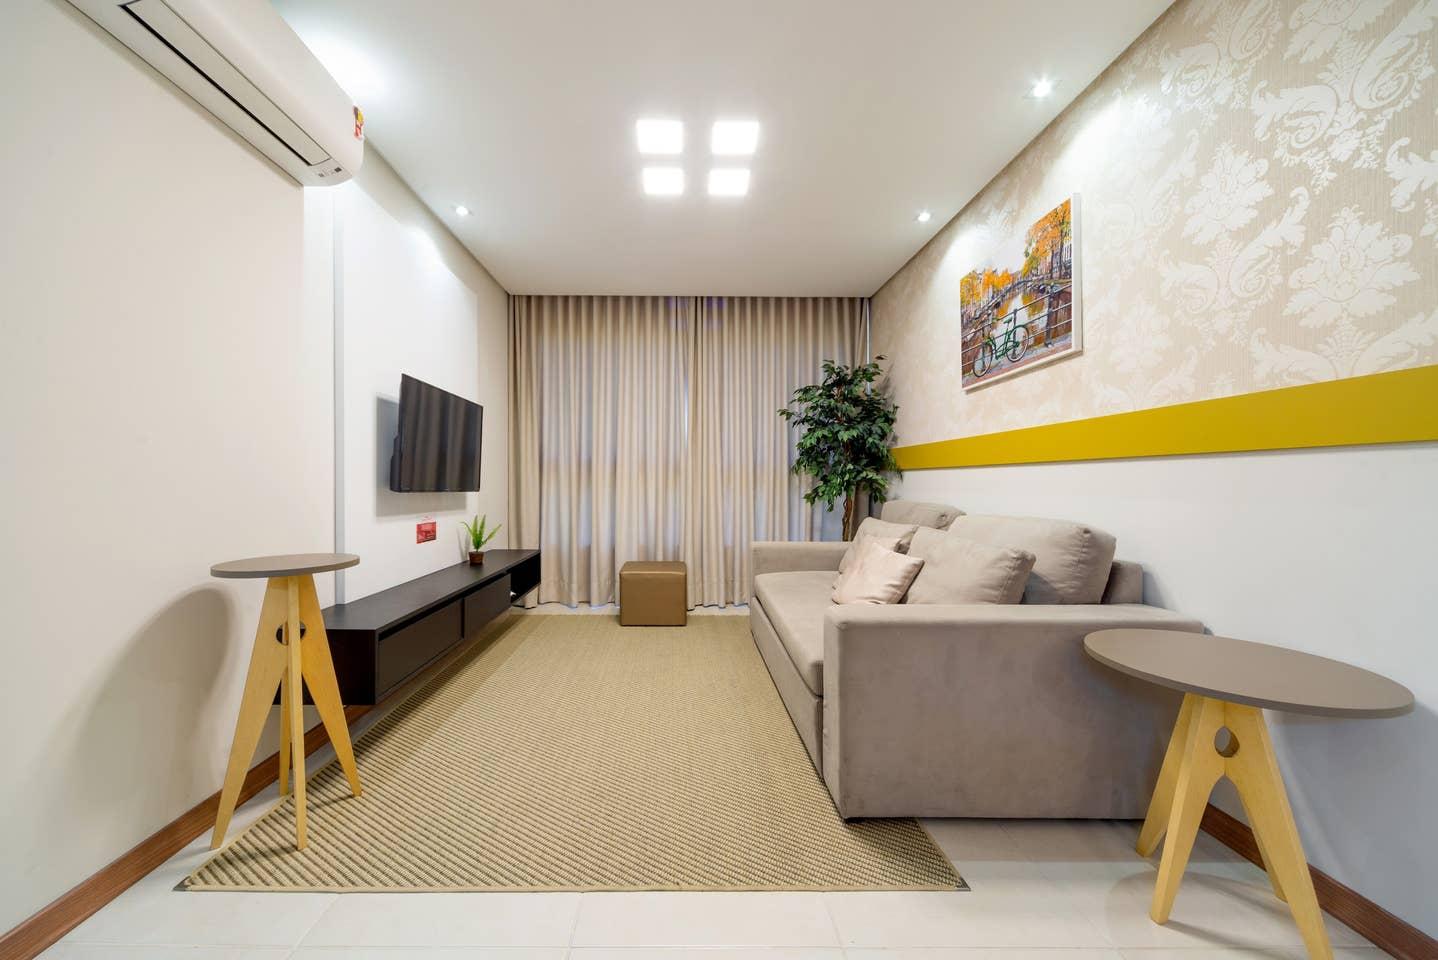 Apartamento incrível com 2 quartos que acomoda 6 pessoas